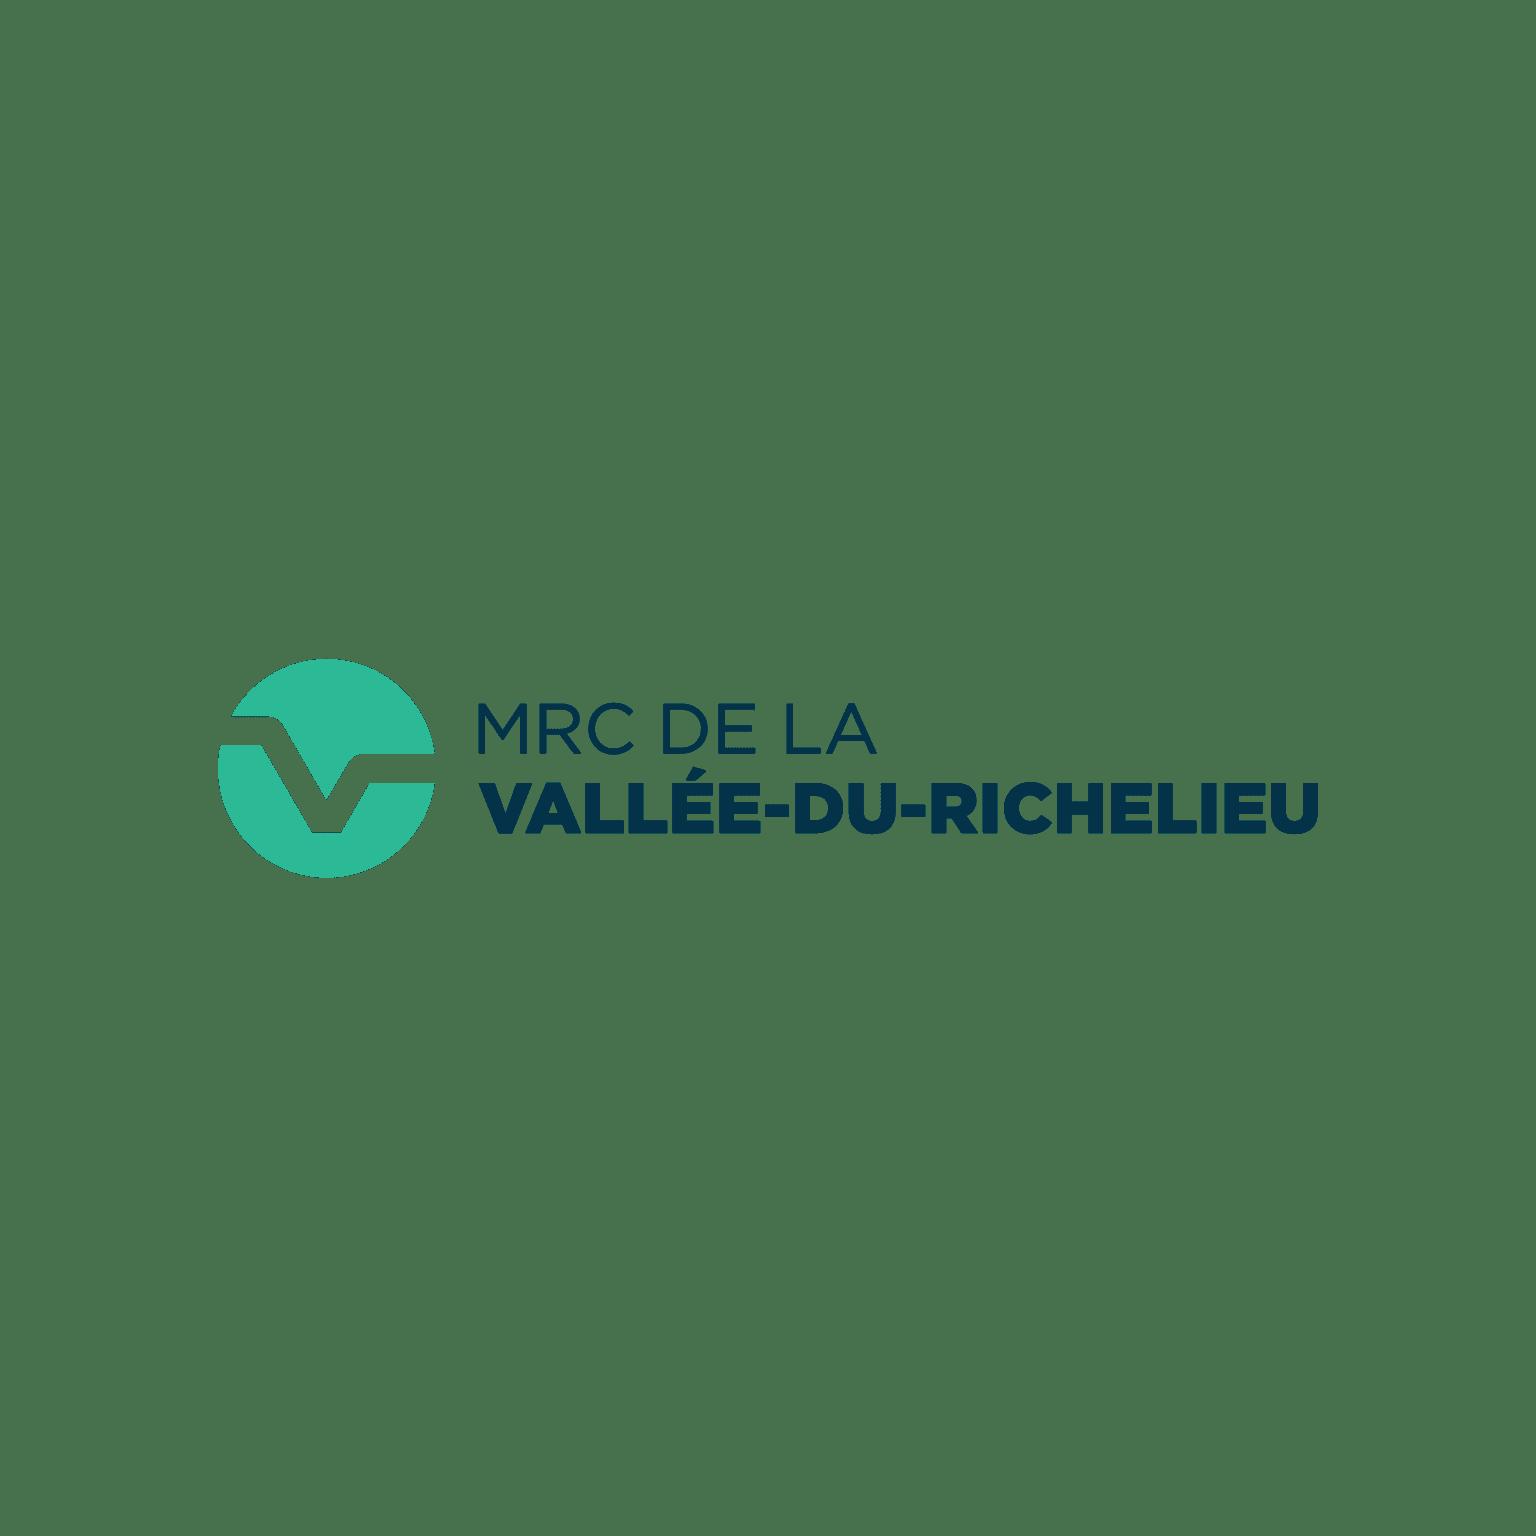 MRCVR